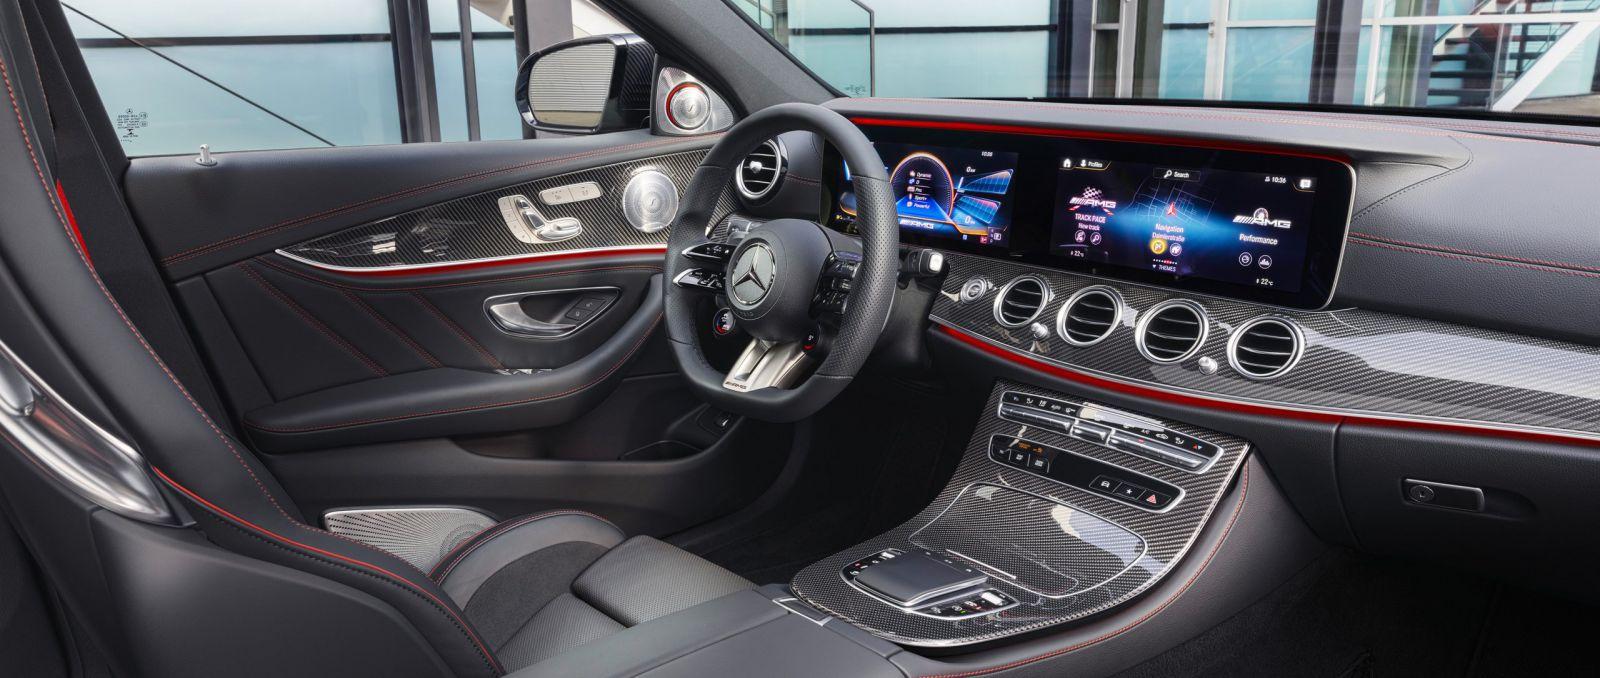 Xe Mercedes E-Class Đời Mới 2020 Ra Mắt Giá Bao Nhiêu Tiền, CÓ Bao nhiêu phiên bản, E200, E250, E300 Nhập khẩu hay lắp ráp, E-Class có gì mới, E53 AMG màu xám